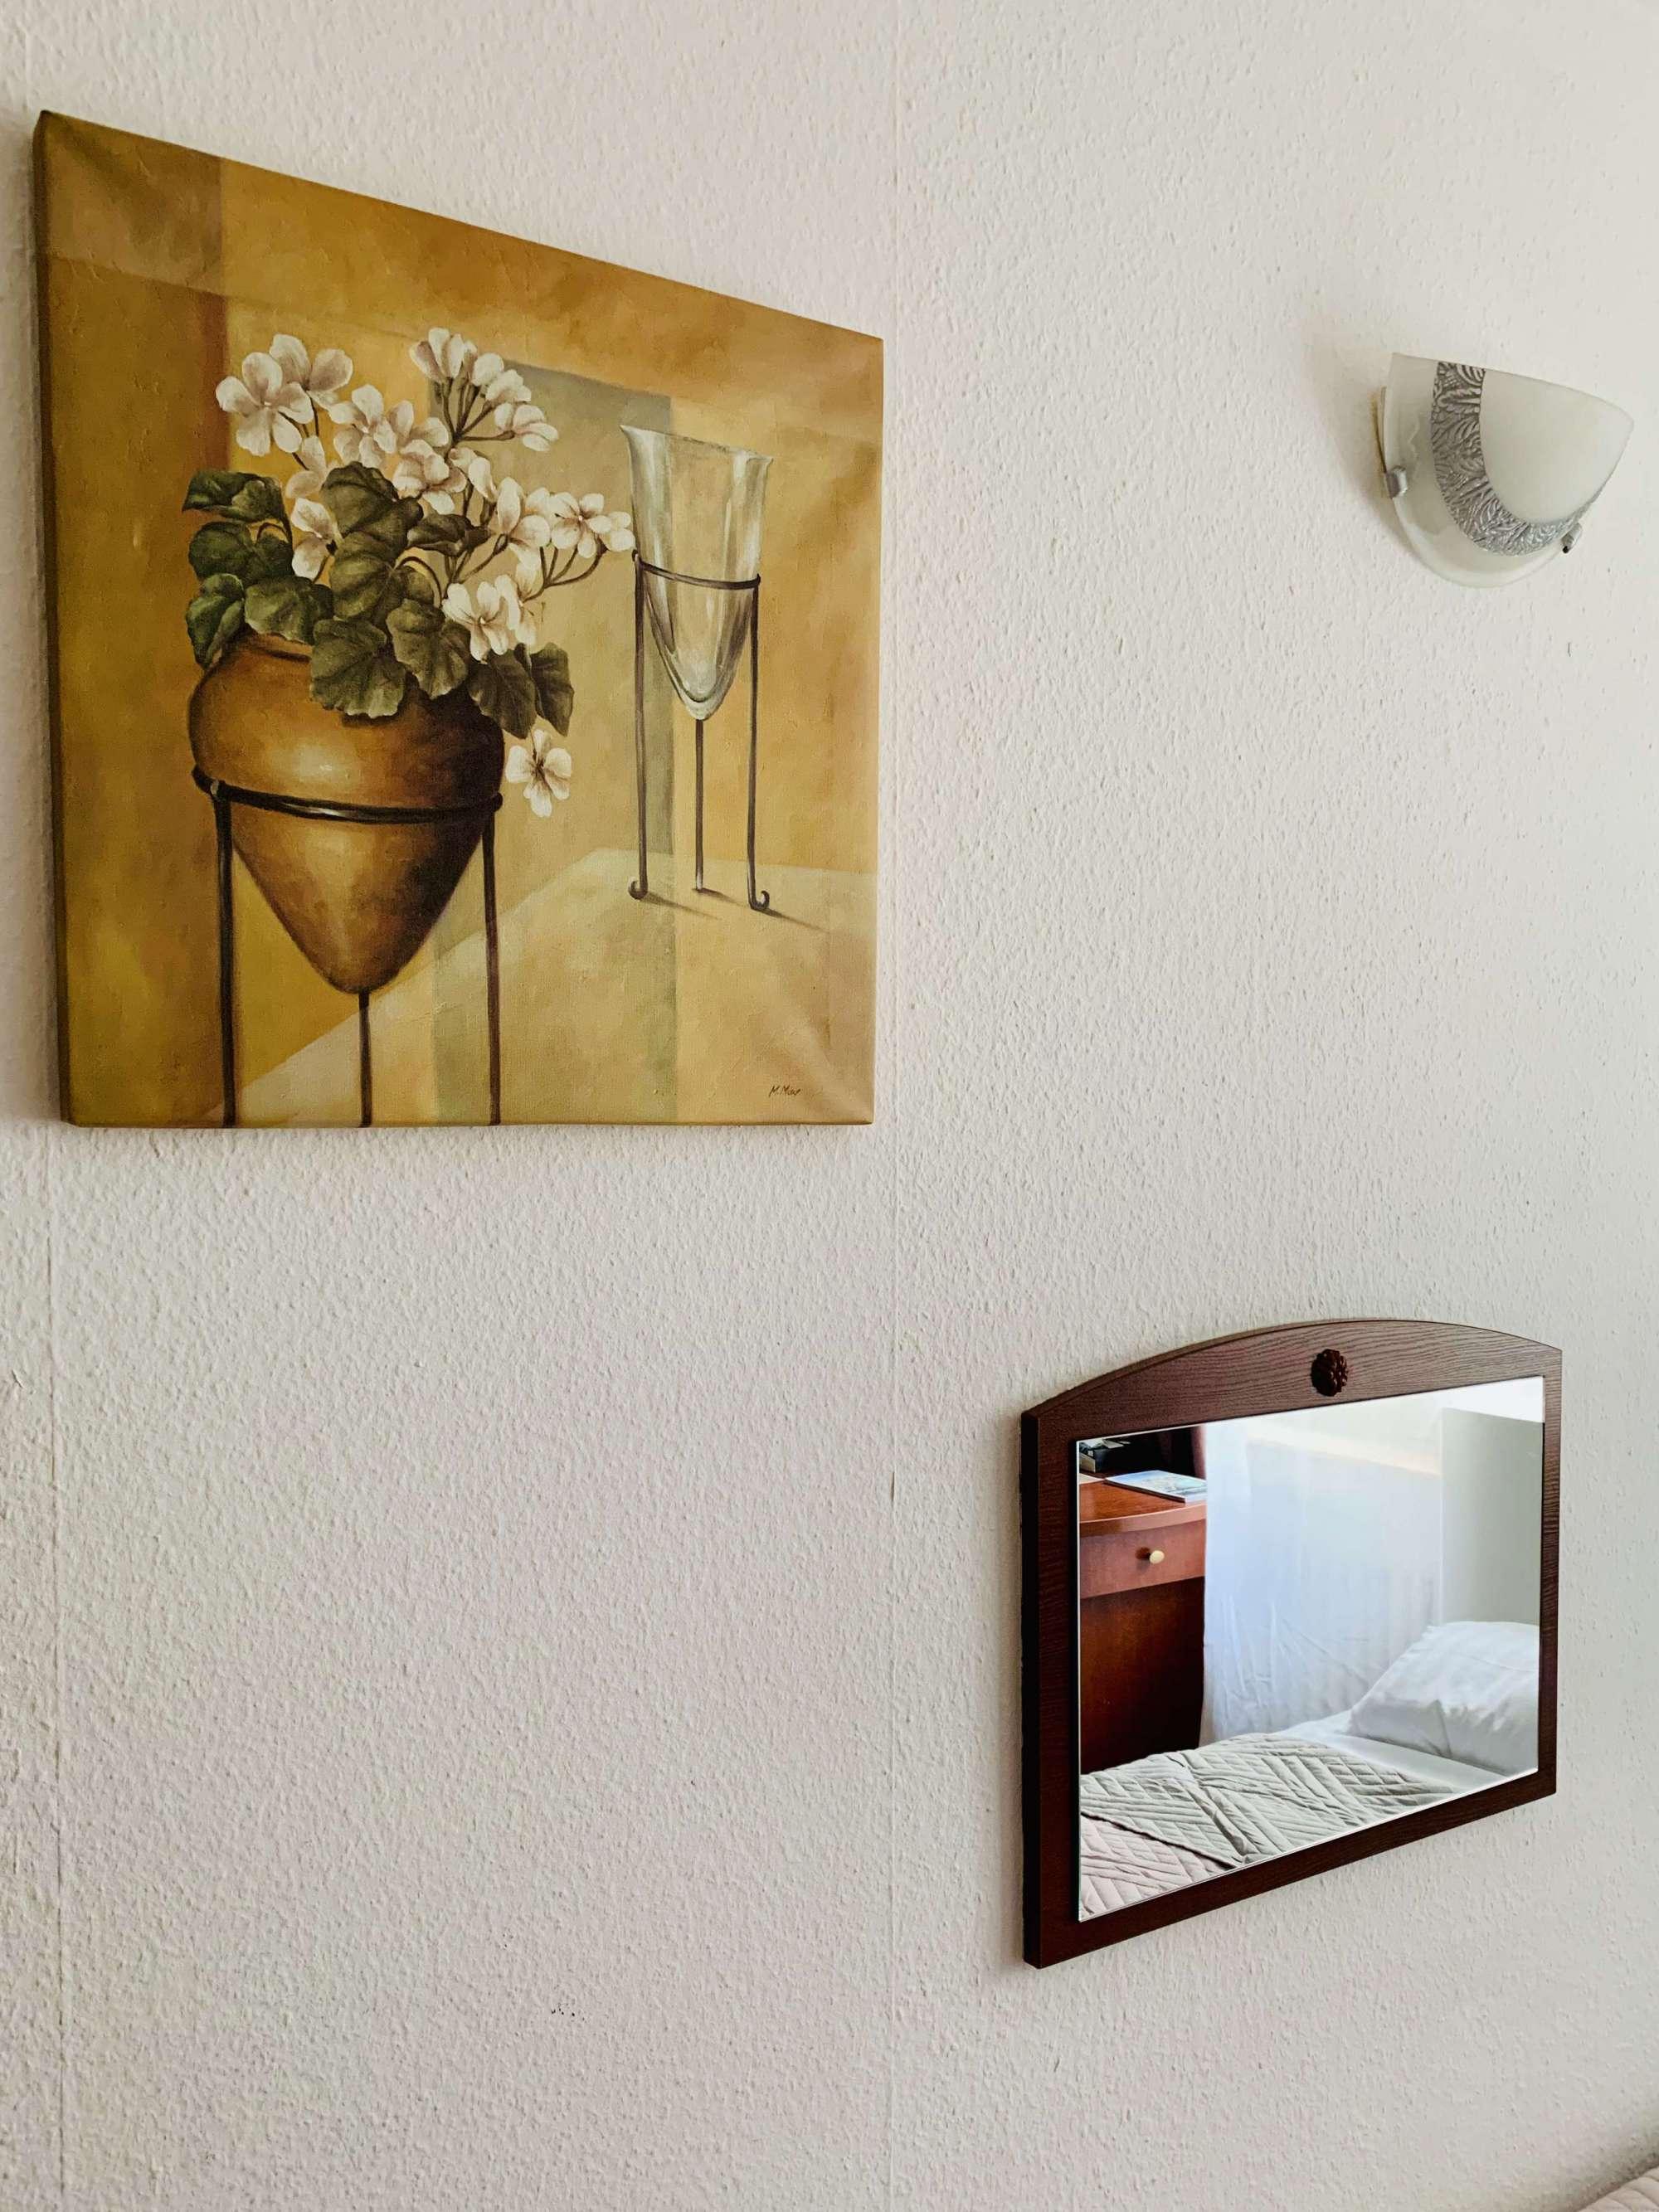 Einzelzimmer+Wand+dekoration